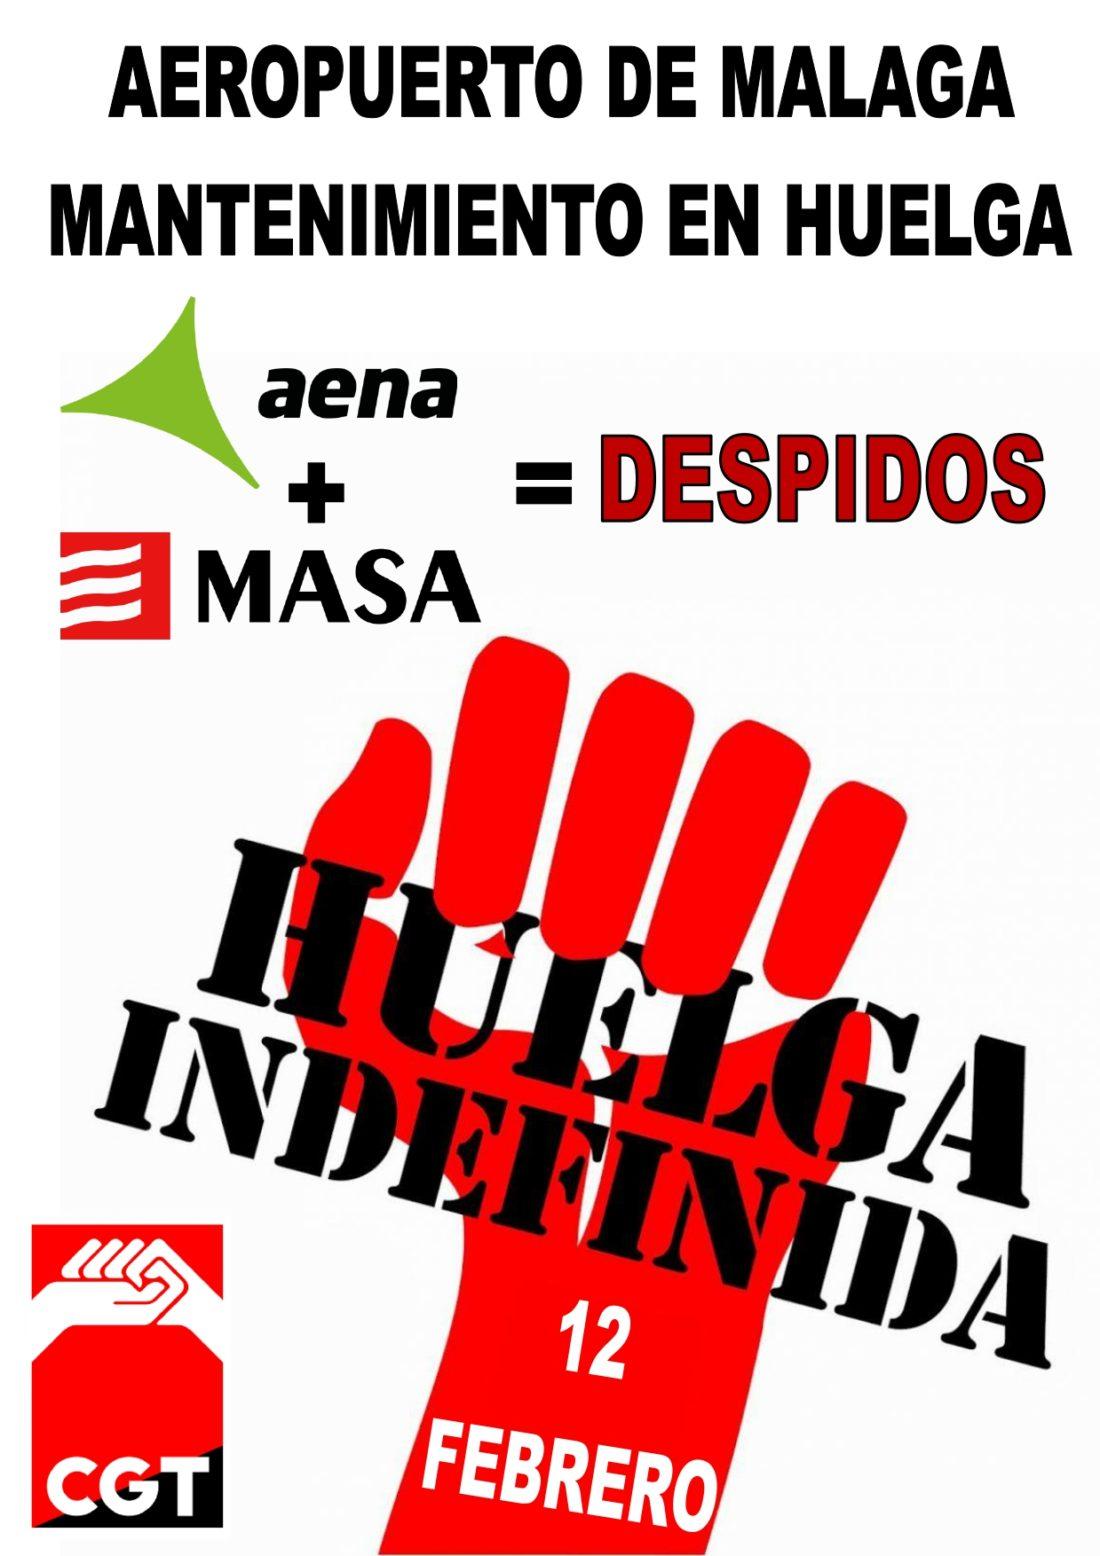 CGT convoca huelga indefinida en el servicio de mantenimiento del aeropuerto de Málaga